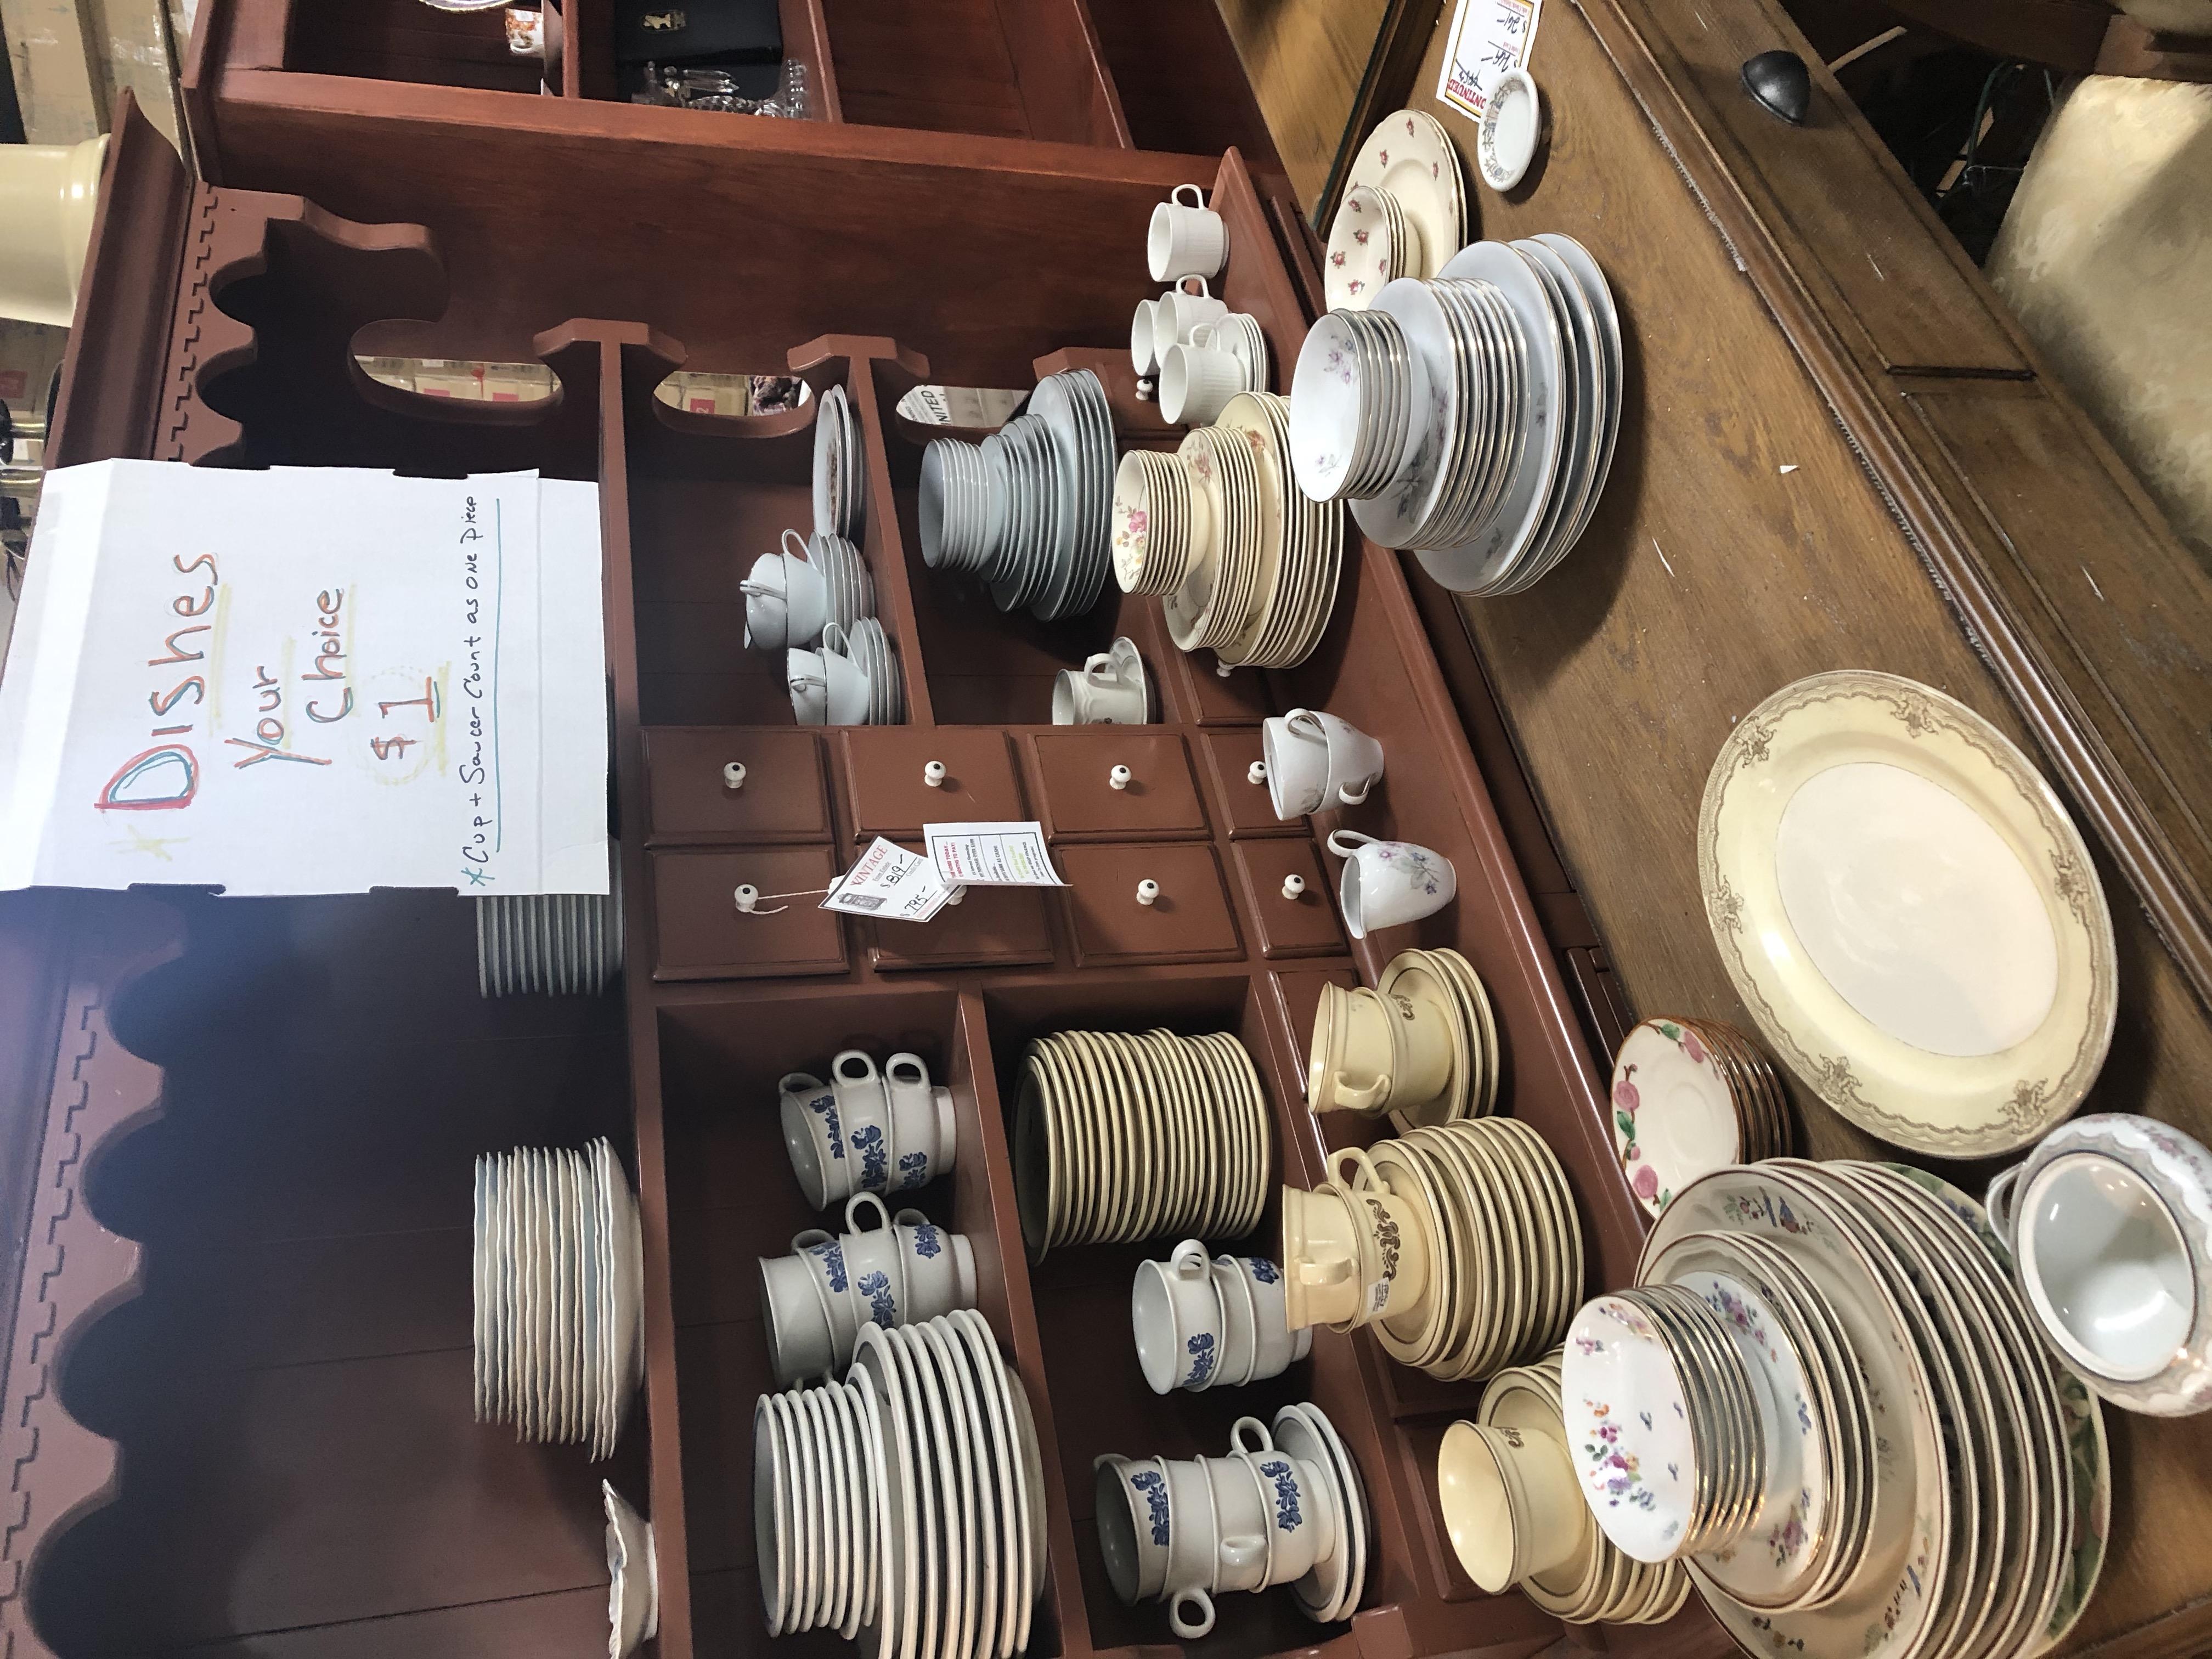 Vintage $1 Dishes